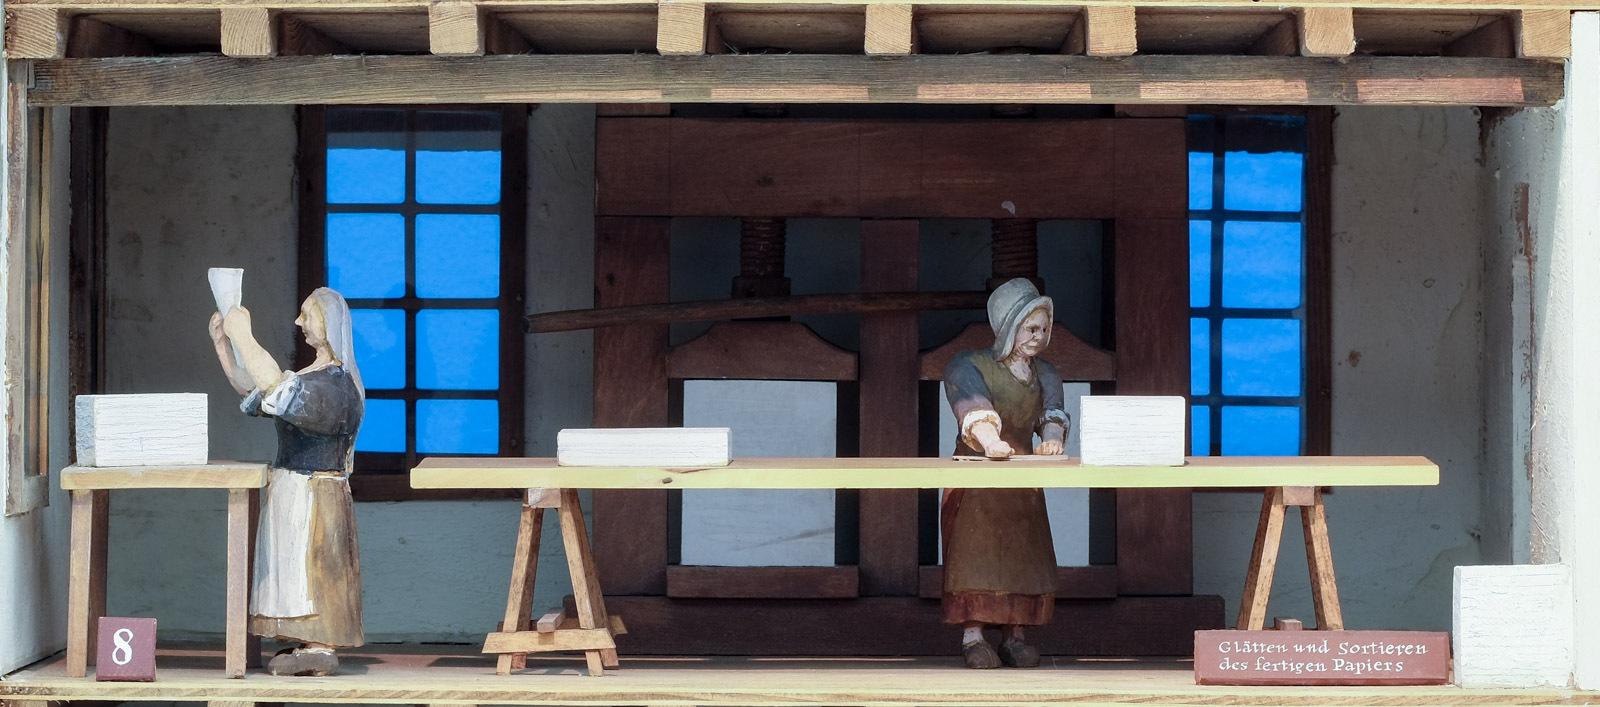 Papiermühle: Glätten und Sortieren des fertigen Papiers